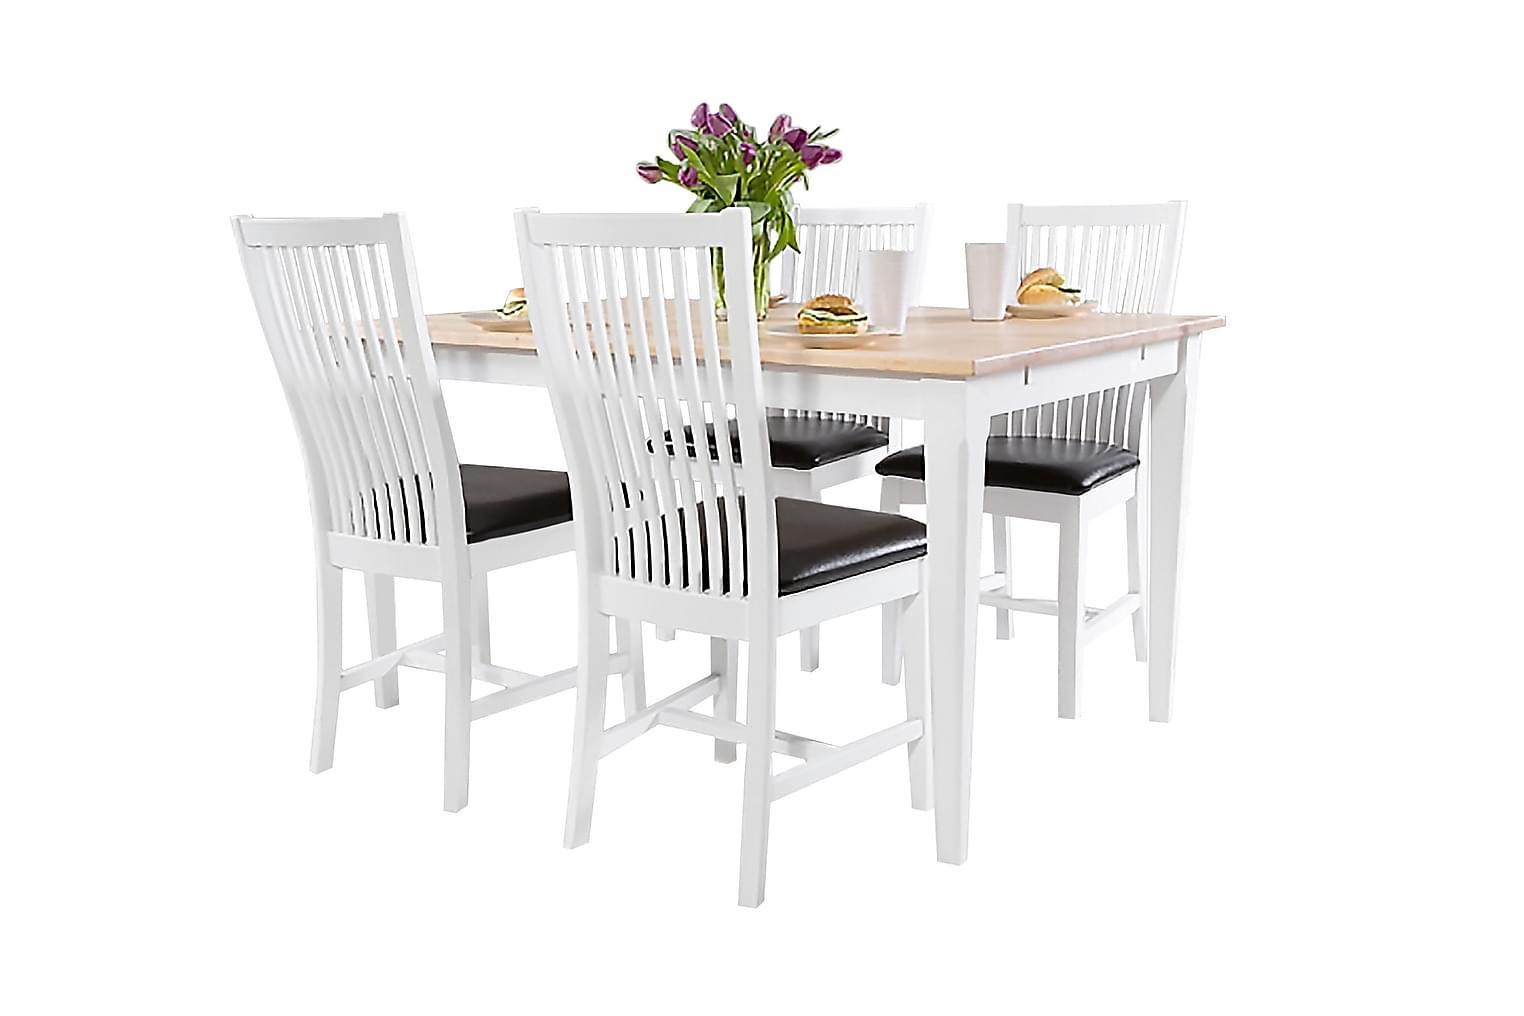 ISABELLE Pöytä 140 Koivu/valkoinen